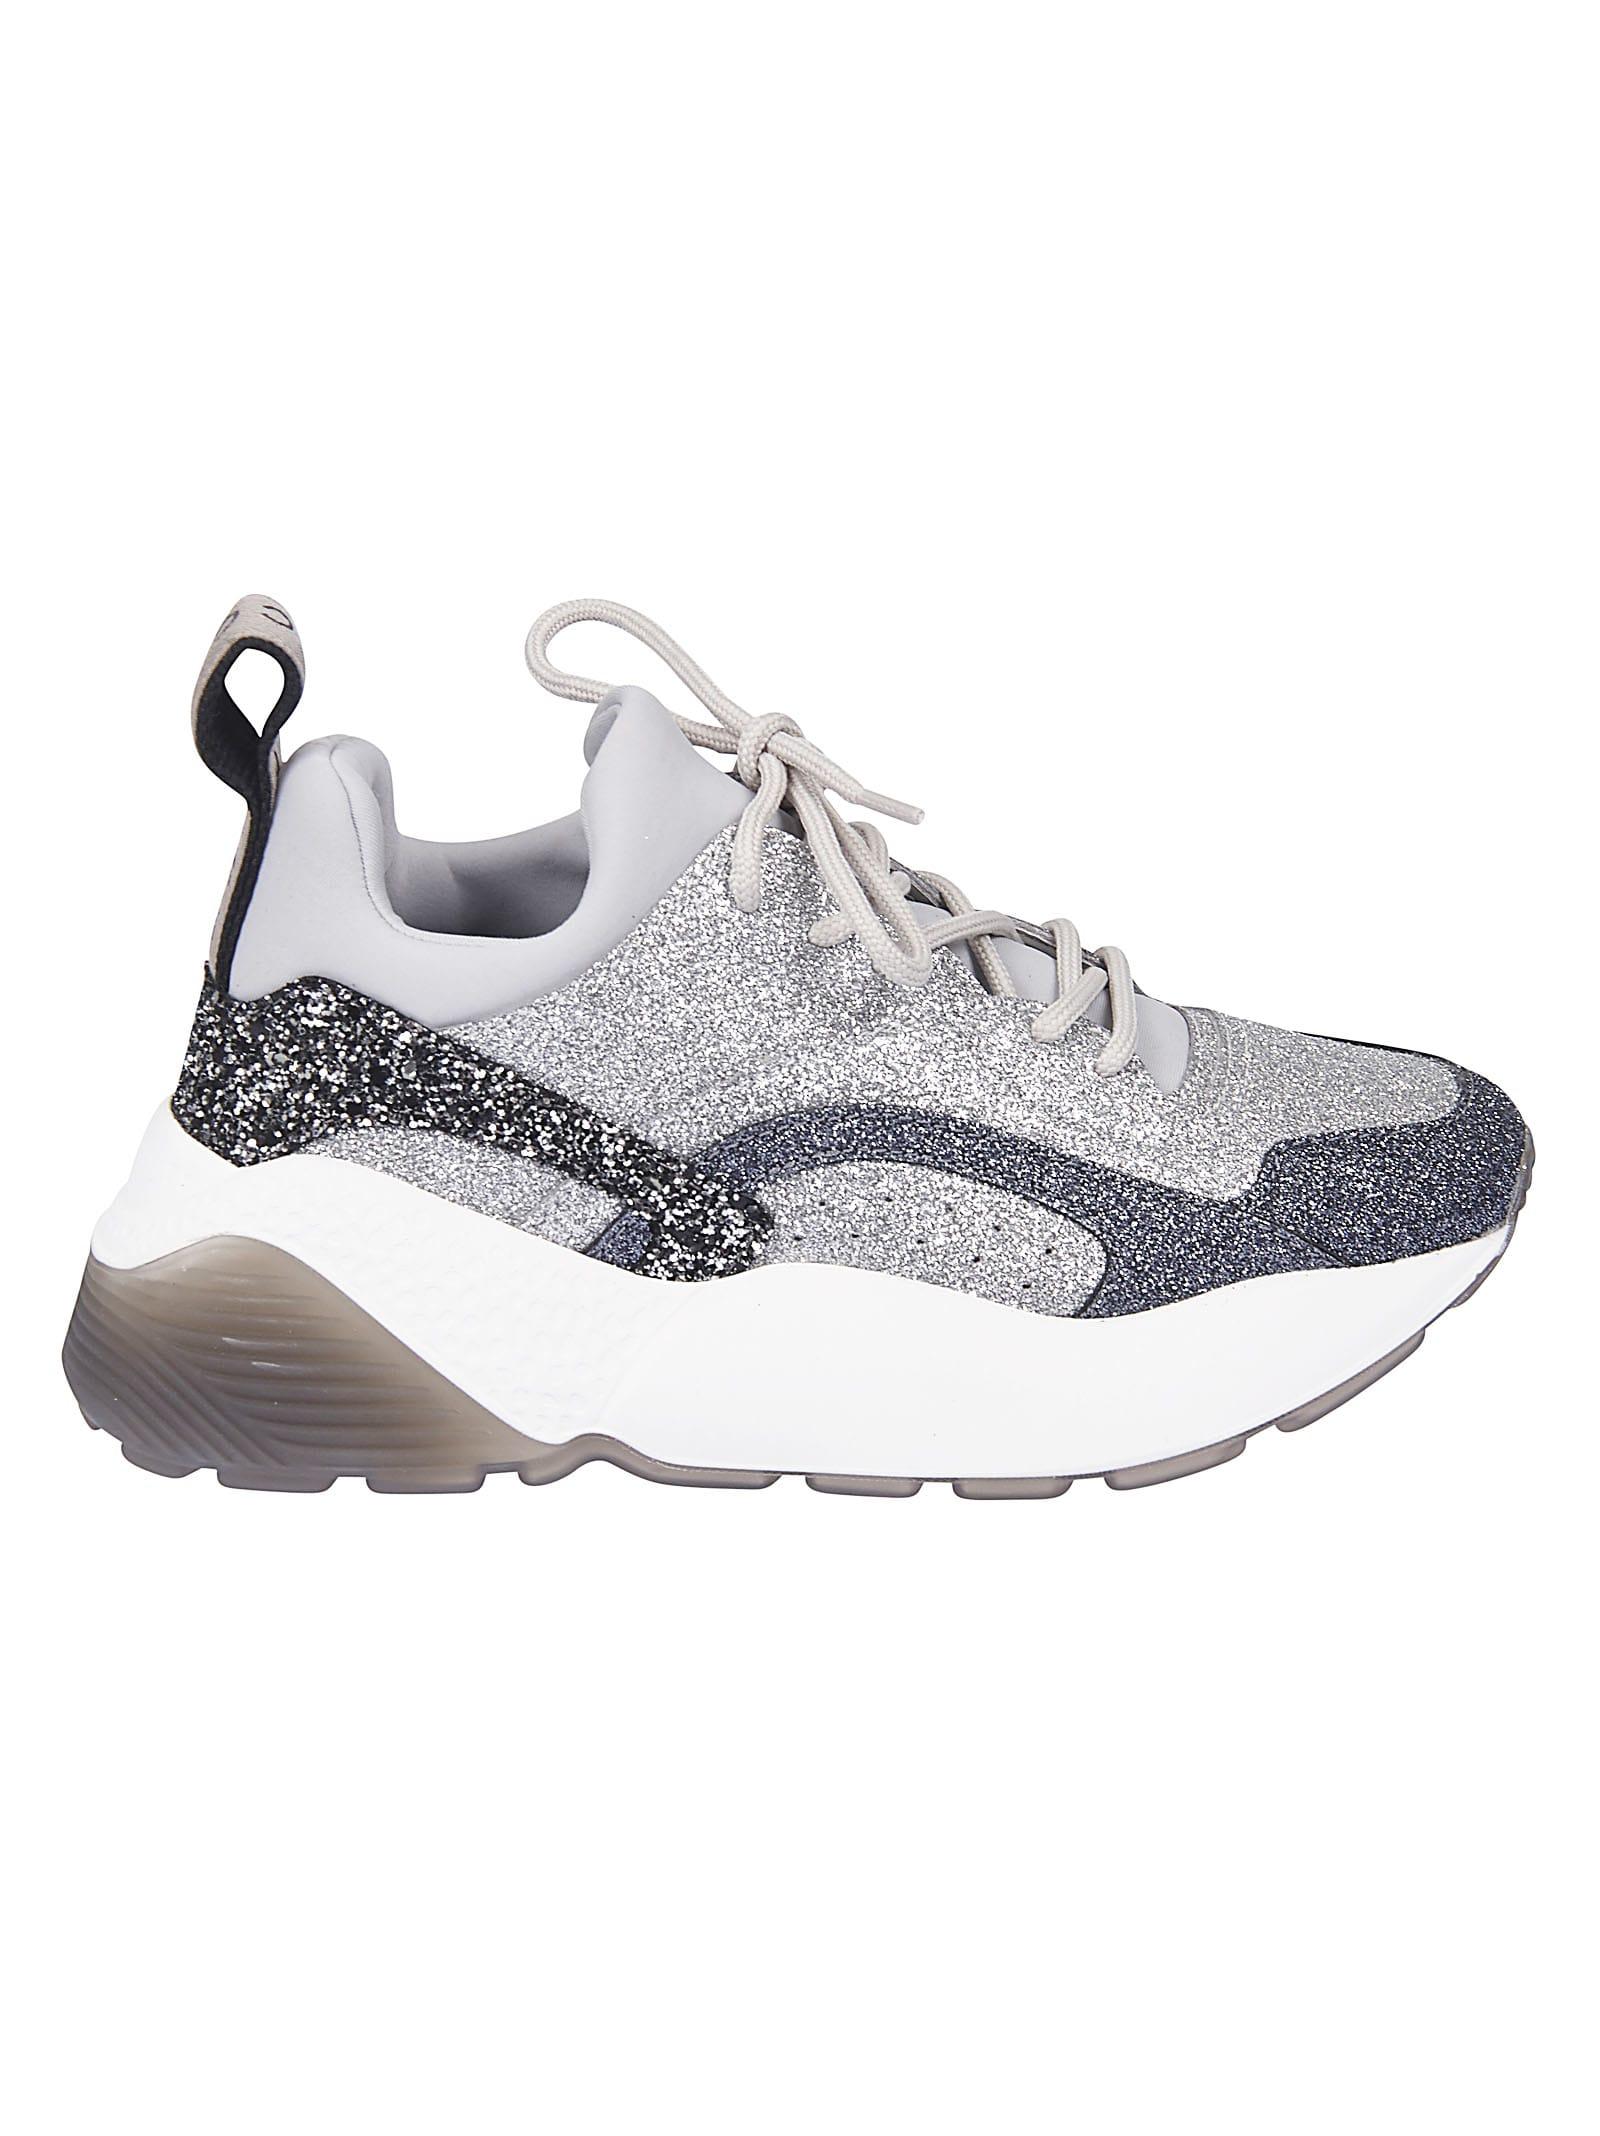 Stella McCartney Glitter Sneakers